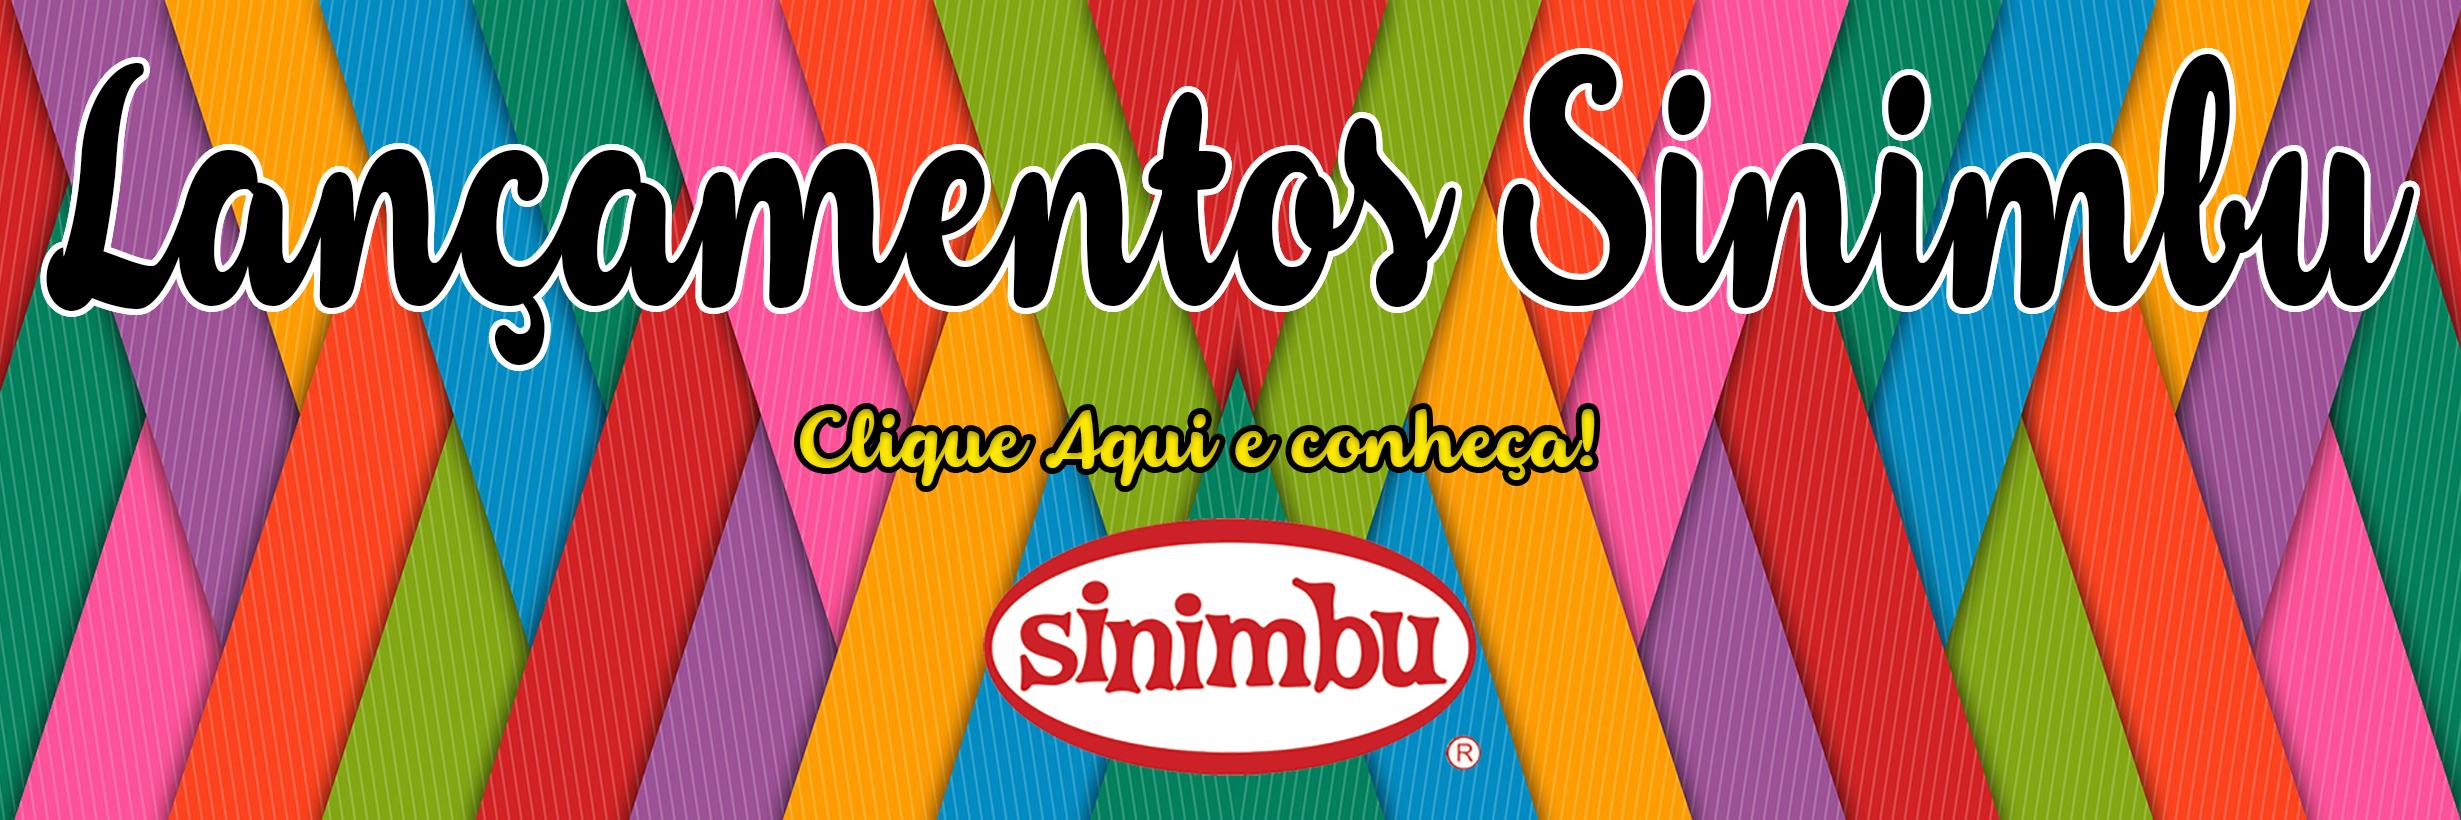 Lançamentos Sinimbu